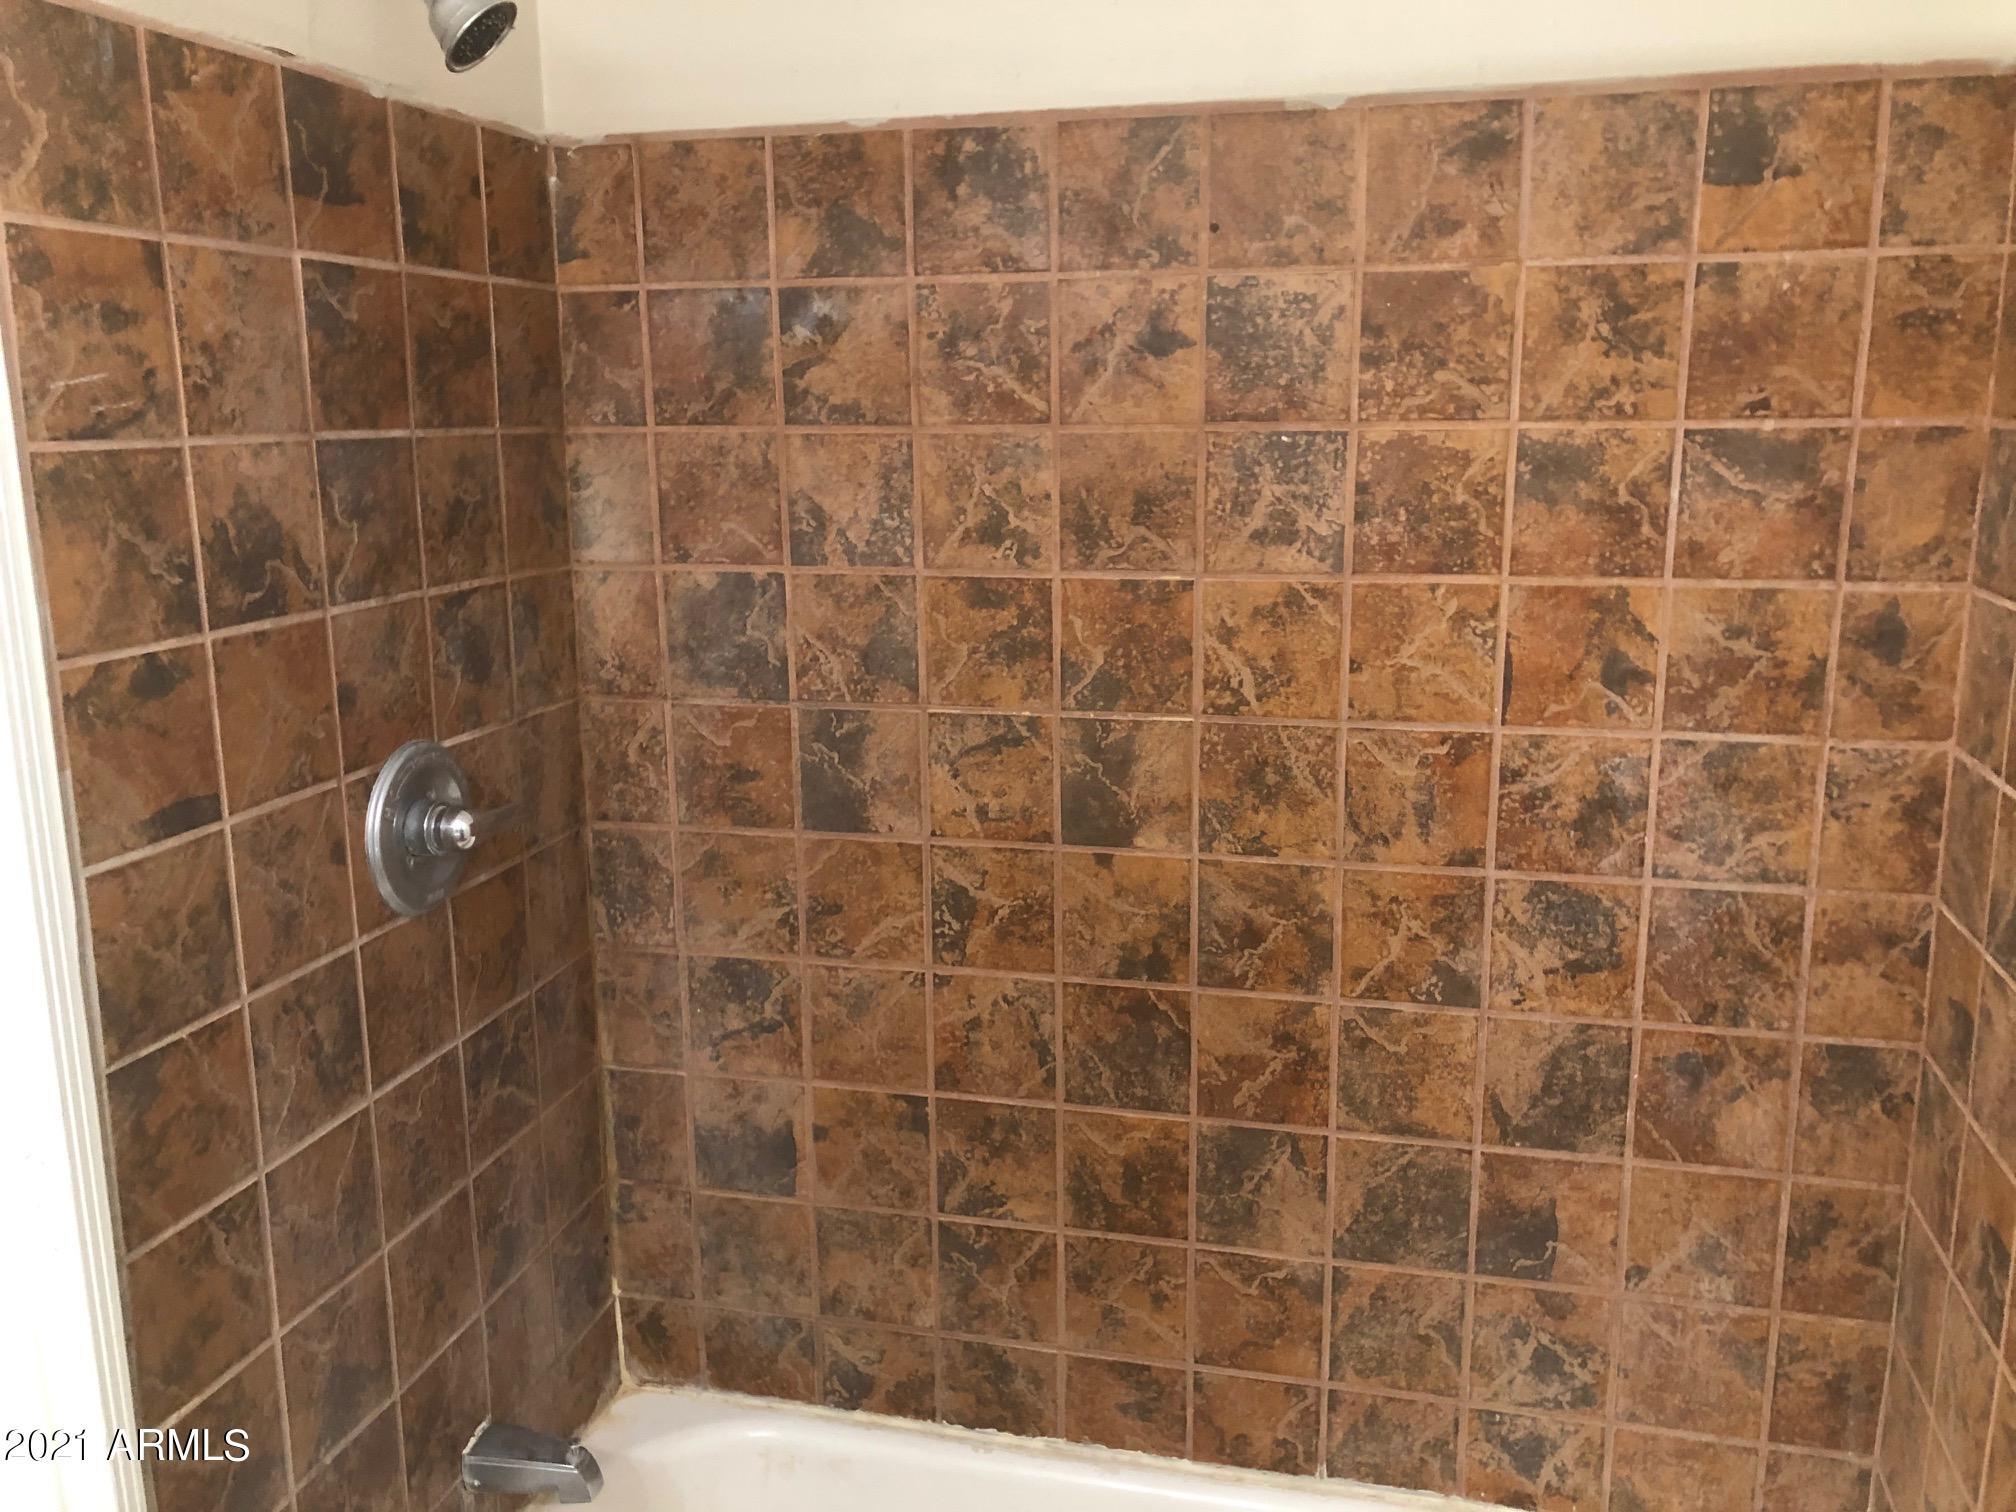 2128 DEVONSHIRE Avenue, Phoenix, Arizona 85015, 2 Bedrooms Bedrooms, ,1 BathroomBathrooms,Residential Rental,For Rent,DEVONSHIRE,6228868